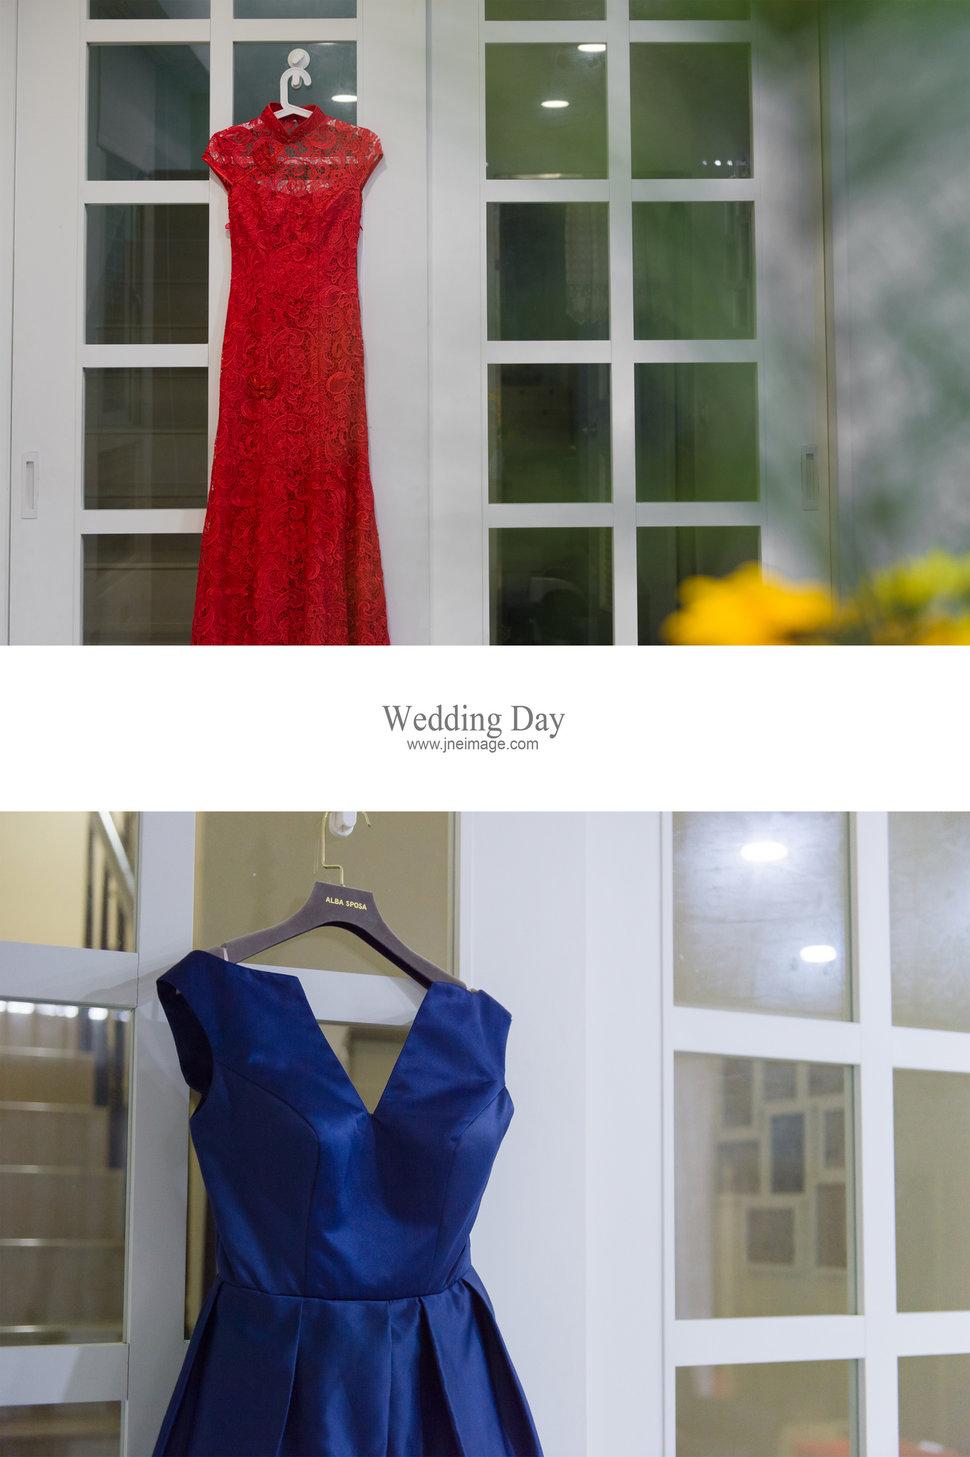 _JNE0002 - J&E Image Studio - 結婚吧